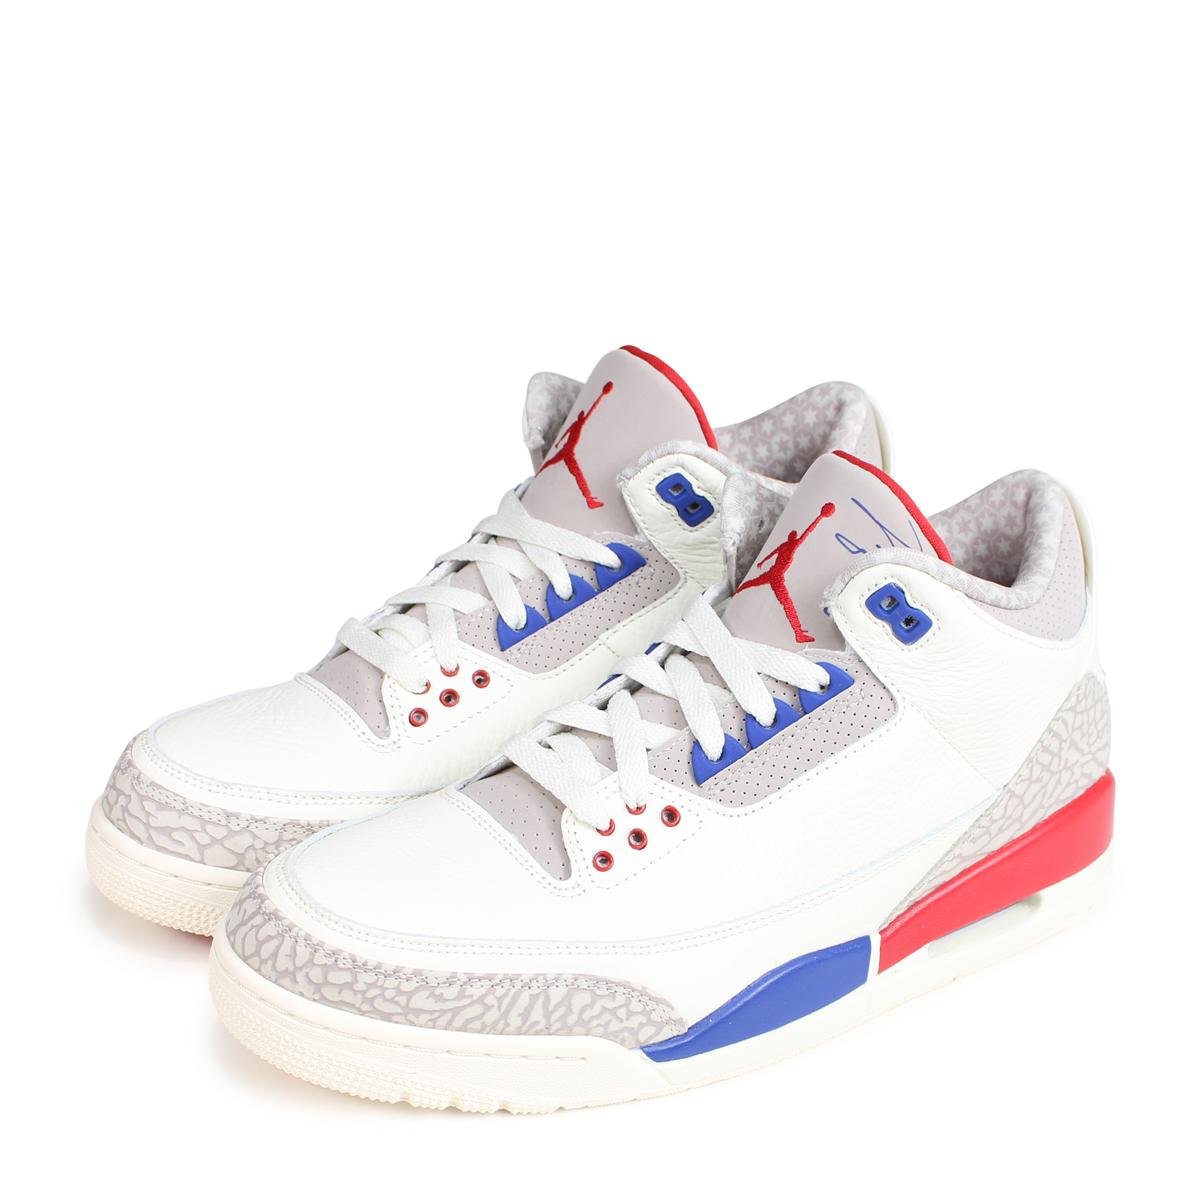 wholesale dealer 2ff03 81223 Nike NIKE Air Jordan 3 nostalgic sneakers men AIR JORDAN 3 RETRO 36,064-140  white [189]